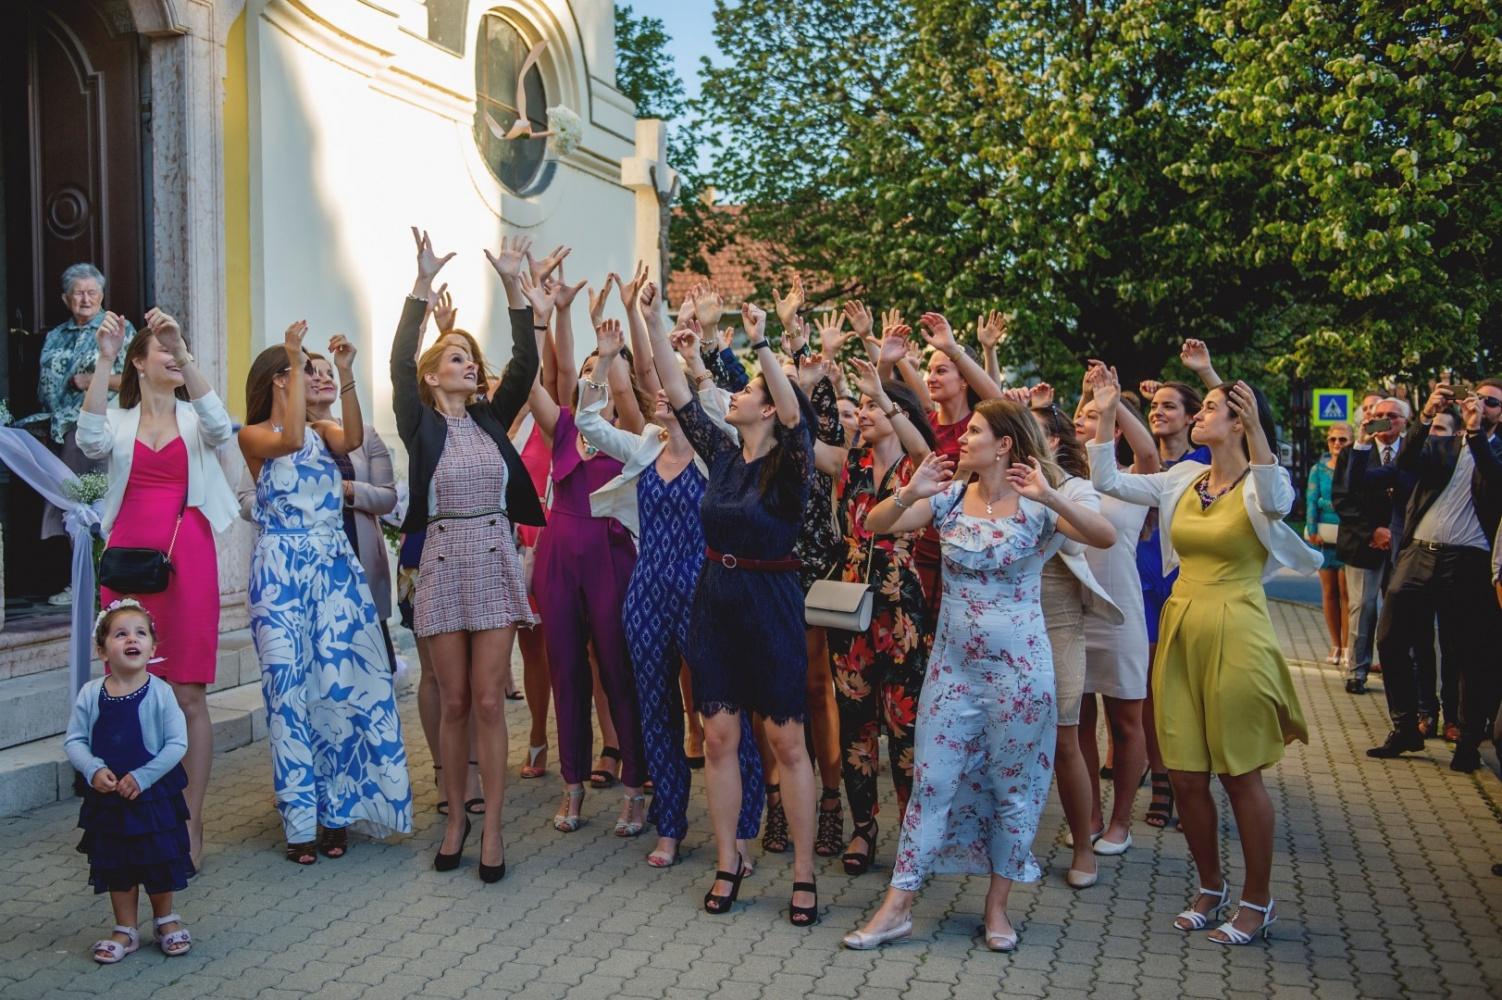 http://www.fotoz.sk/images/gallery-31/normal/eskuvo_dunaharaszti-rendezvenyhaz_347.jpg